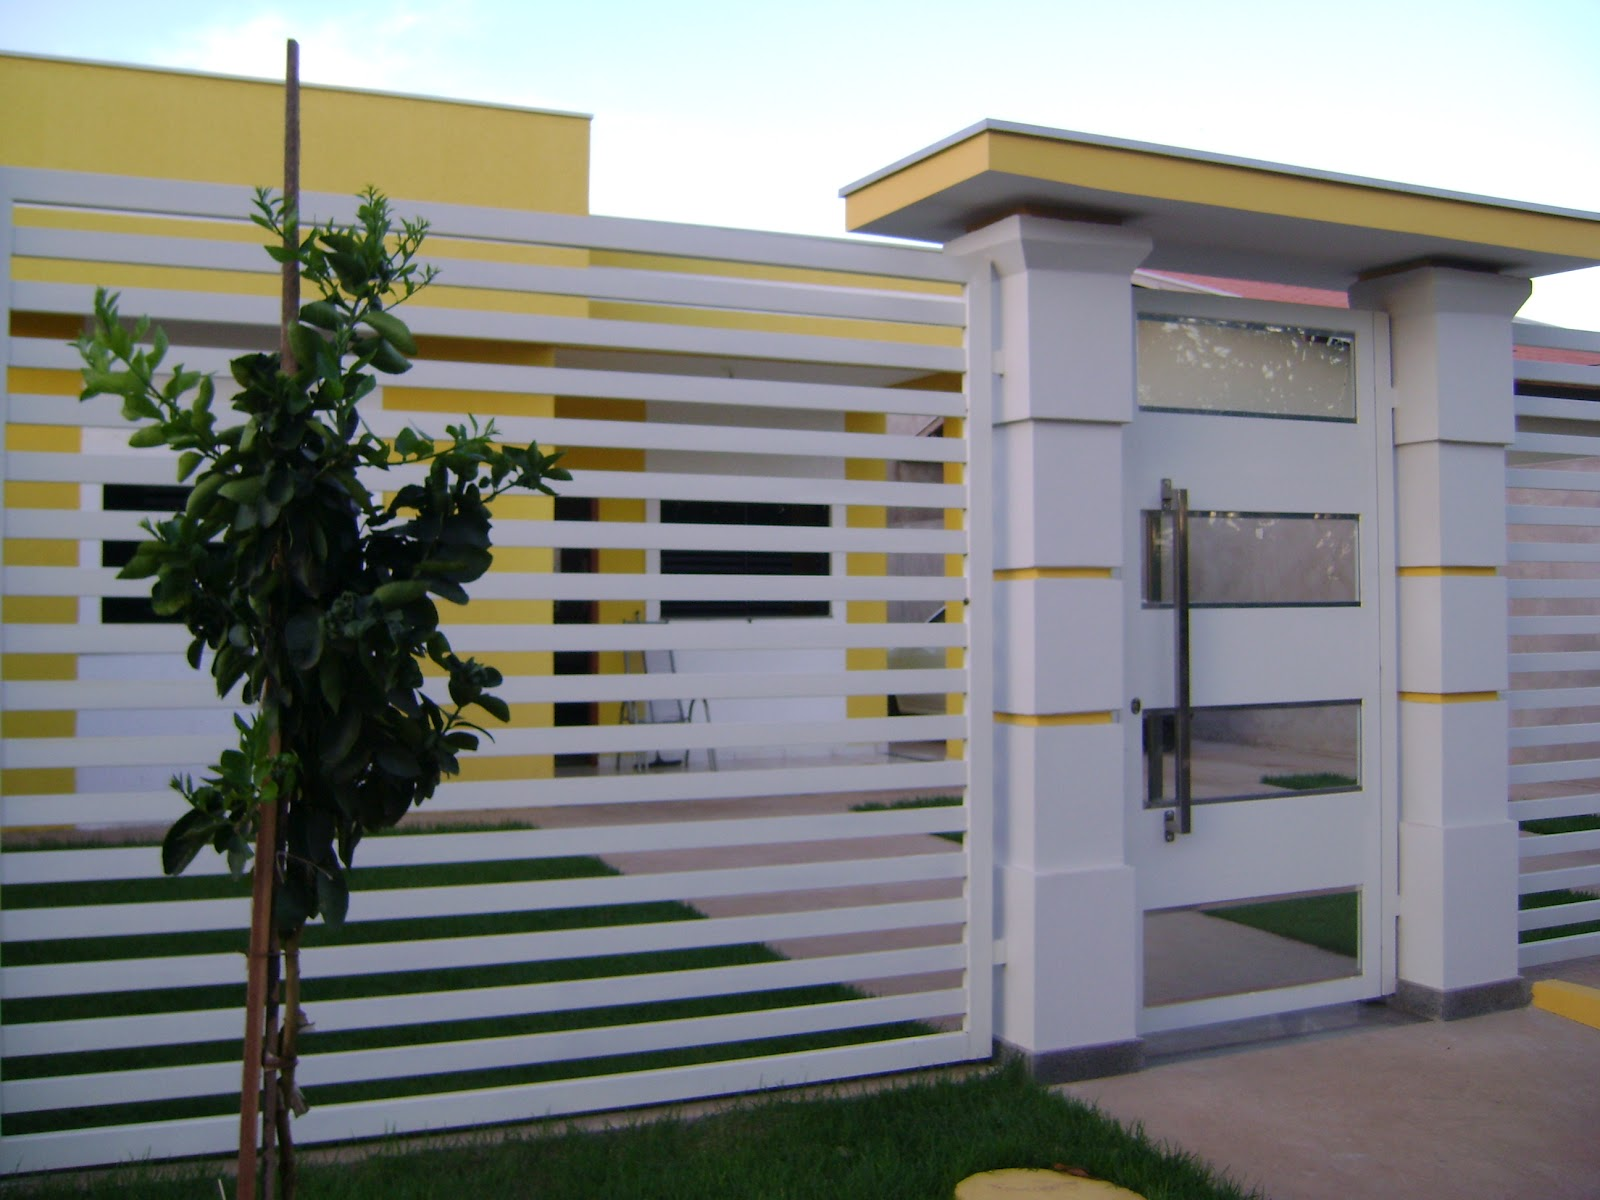 Fachadas de casas modernas com port o decorando casas for Portal de inmobiliarias